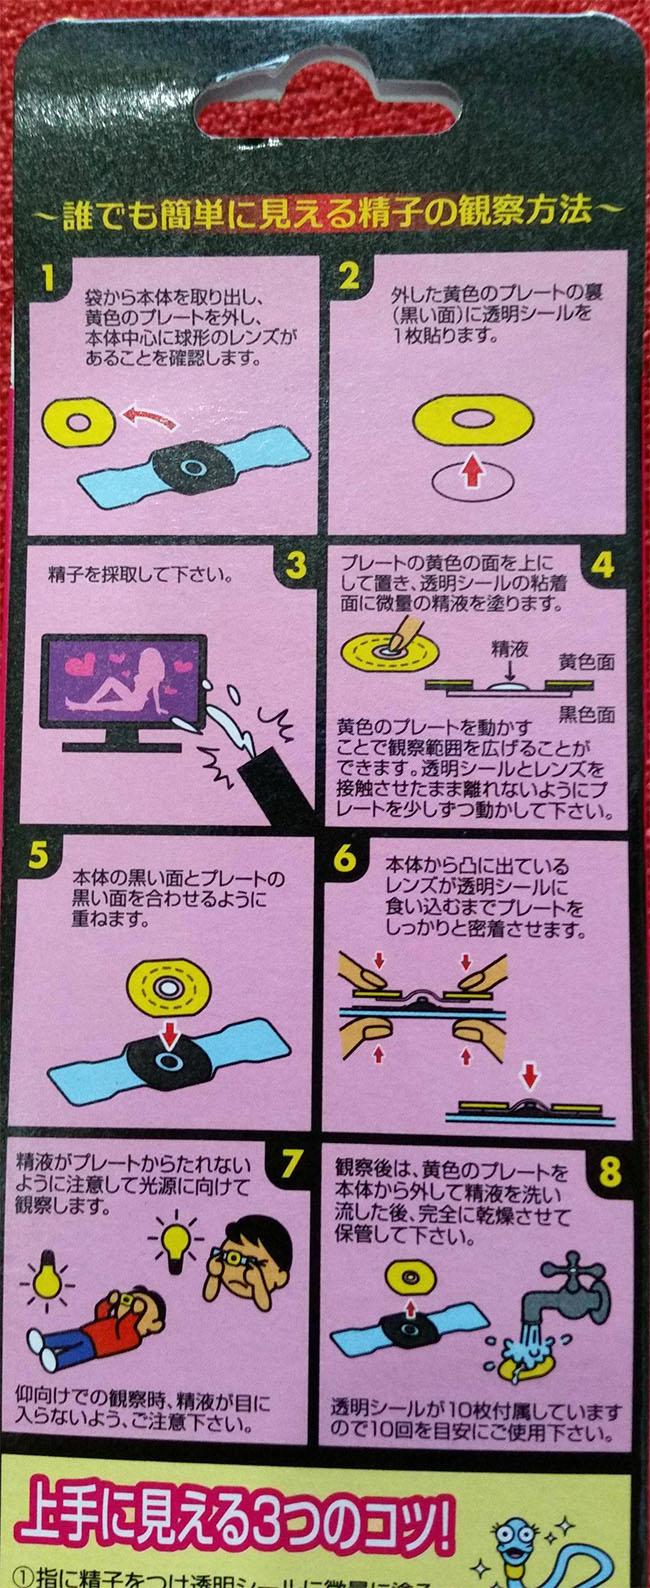 visionneuse-de-sperme-japon2